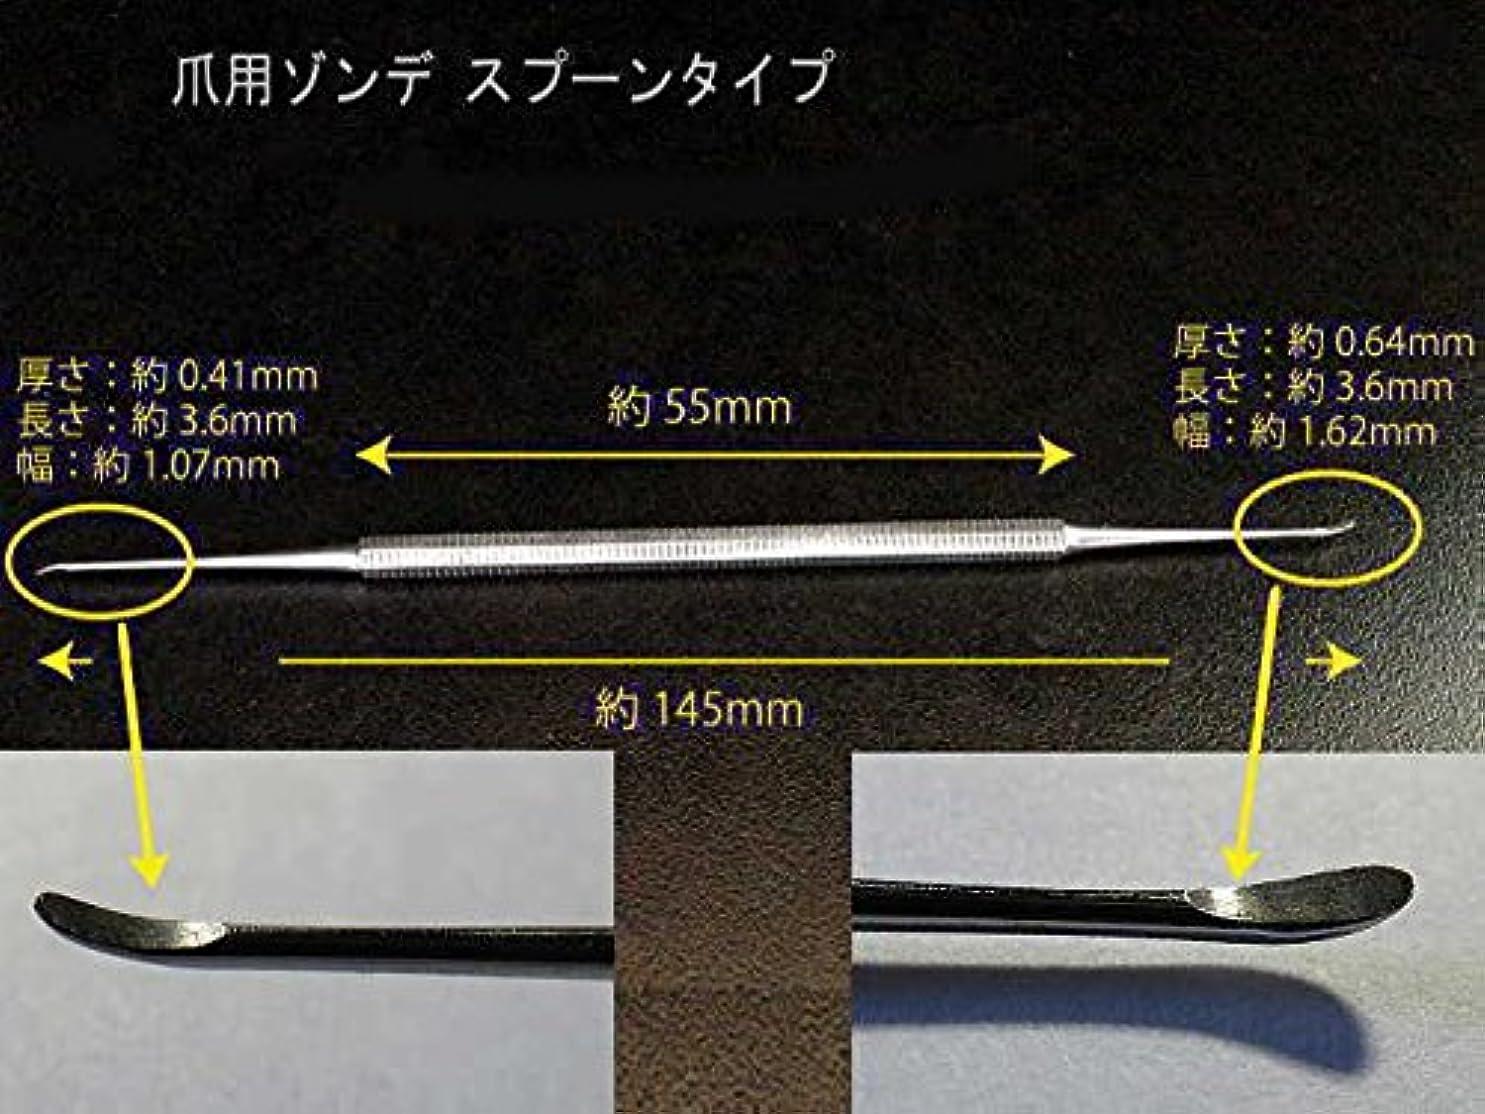 ノート適用する膨らみ爪用ゾンデ スプーンタイプ*足爪、巻き爪のネイルケア、フットケアに◆医療器具にも使用されるステンレス製